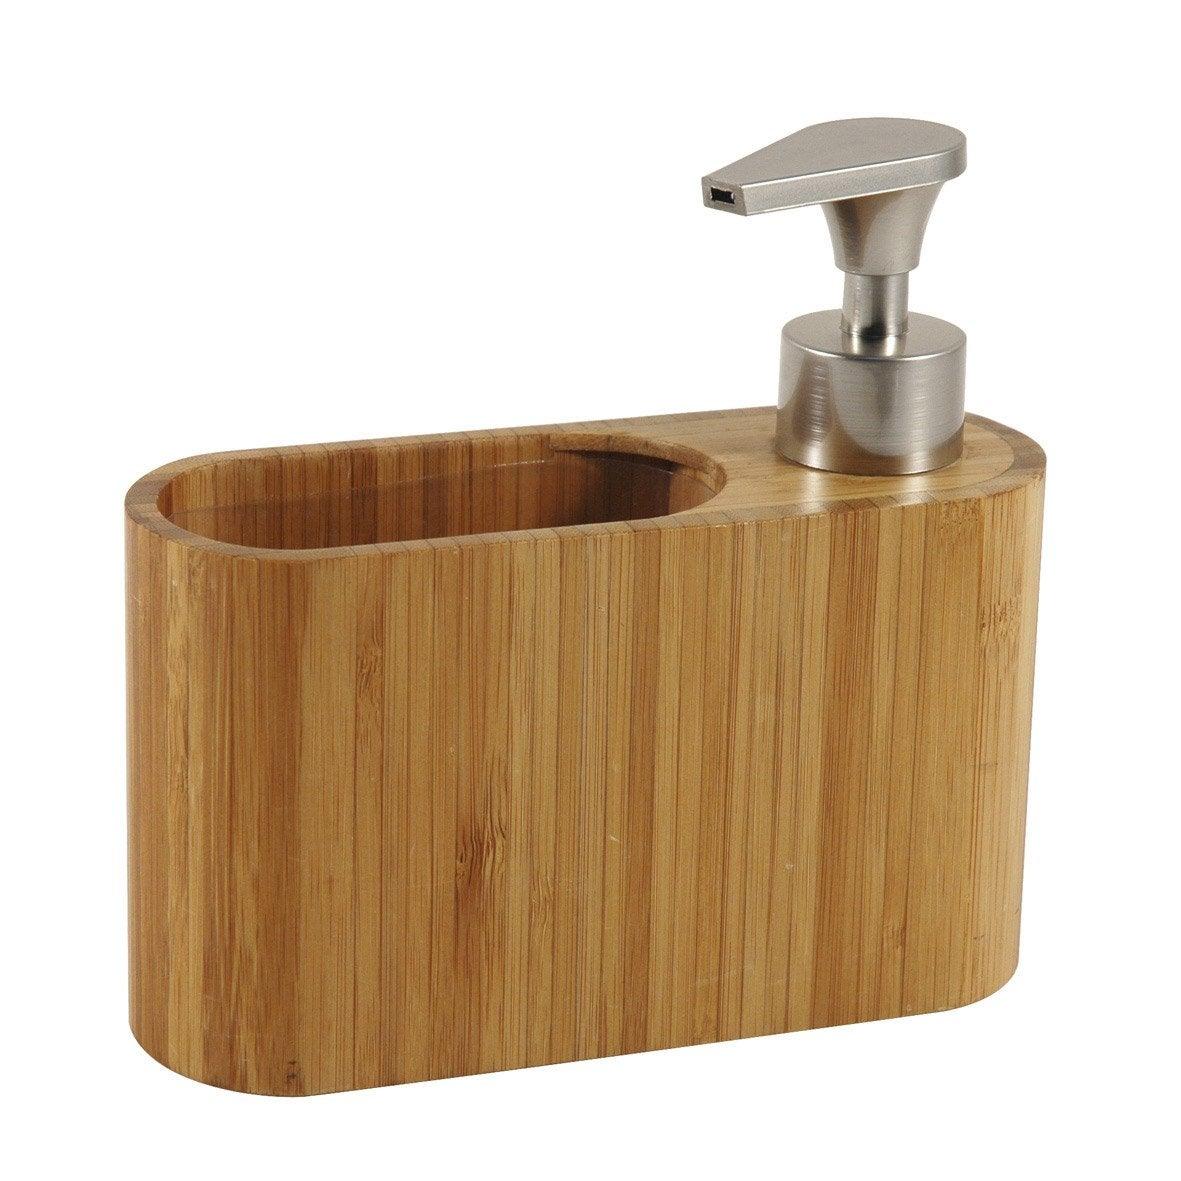 Bamboo soap dispenser with sponge holder